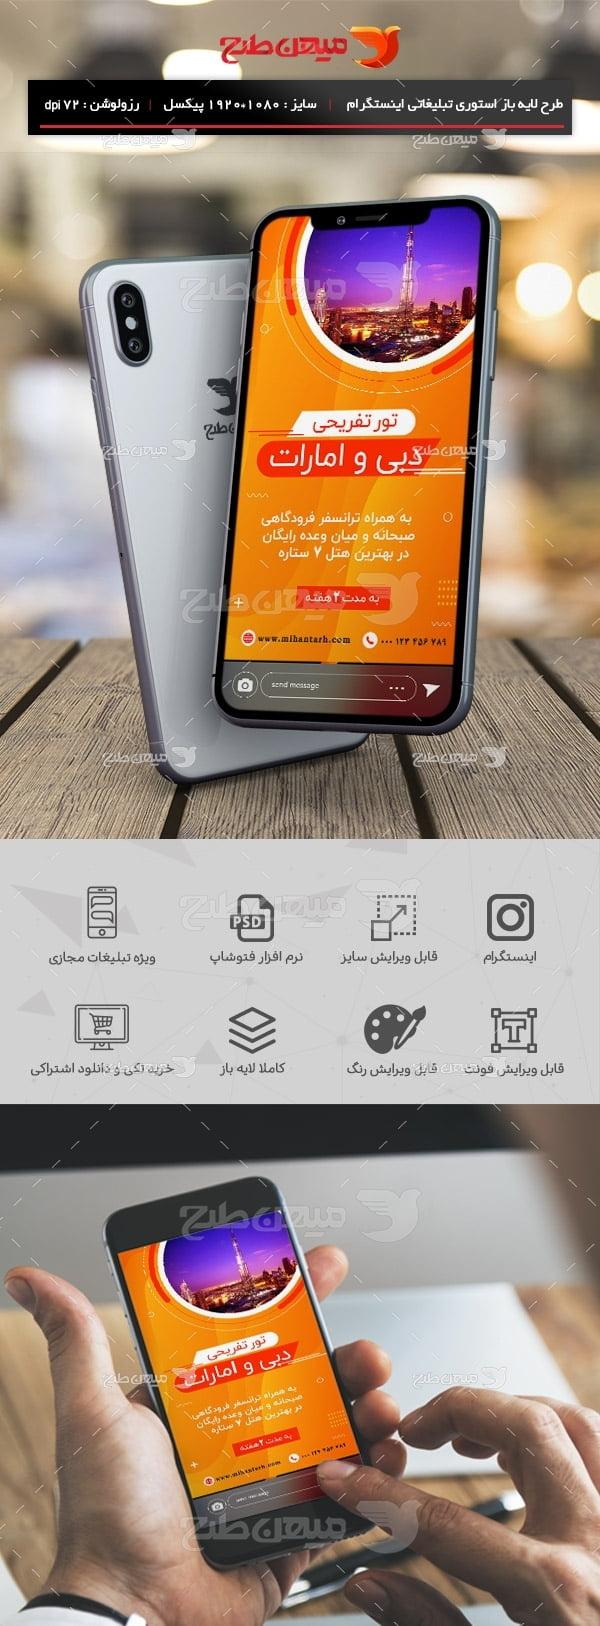 طرح لایه باز استوری اینستاگرام تور گردشگری دبی